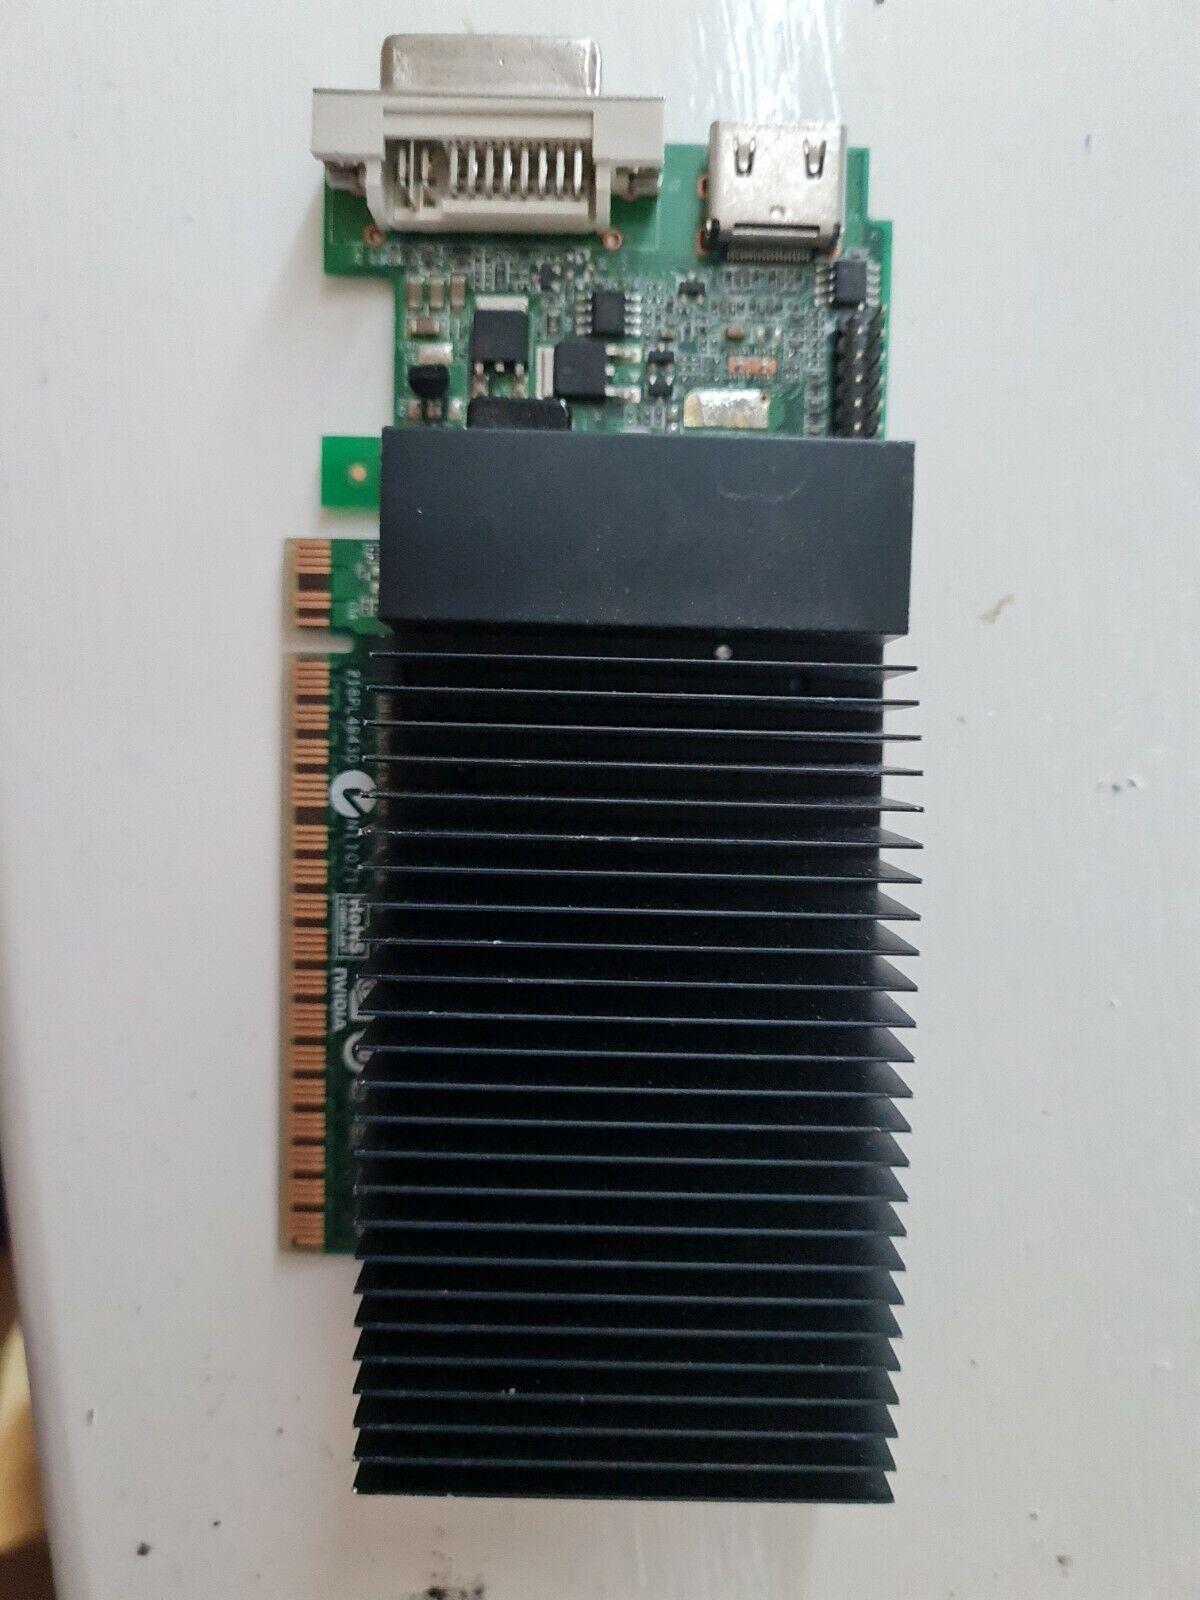 Inno 3D GF-210 VGA DVI HDMI SDDR3 1GB PCI-E Graphics Card